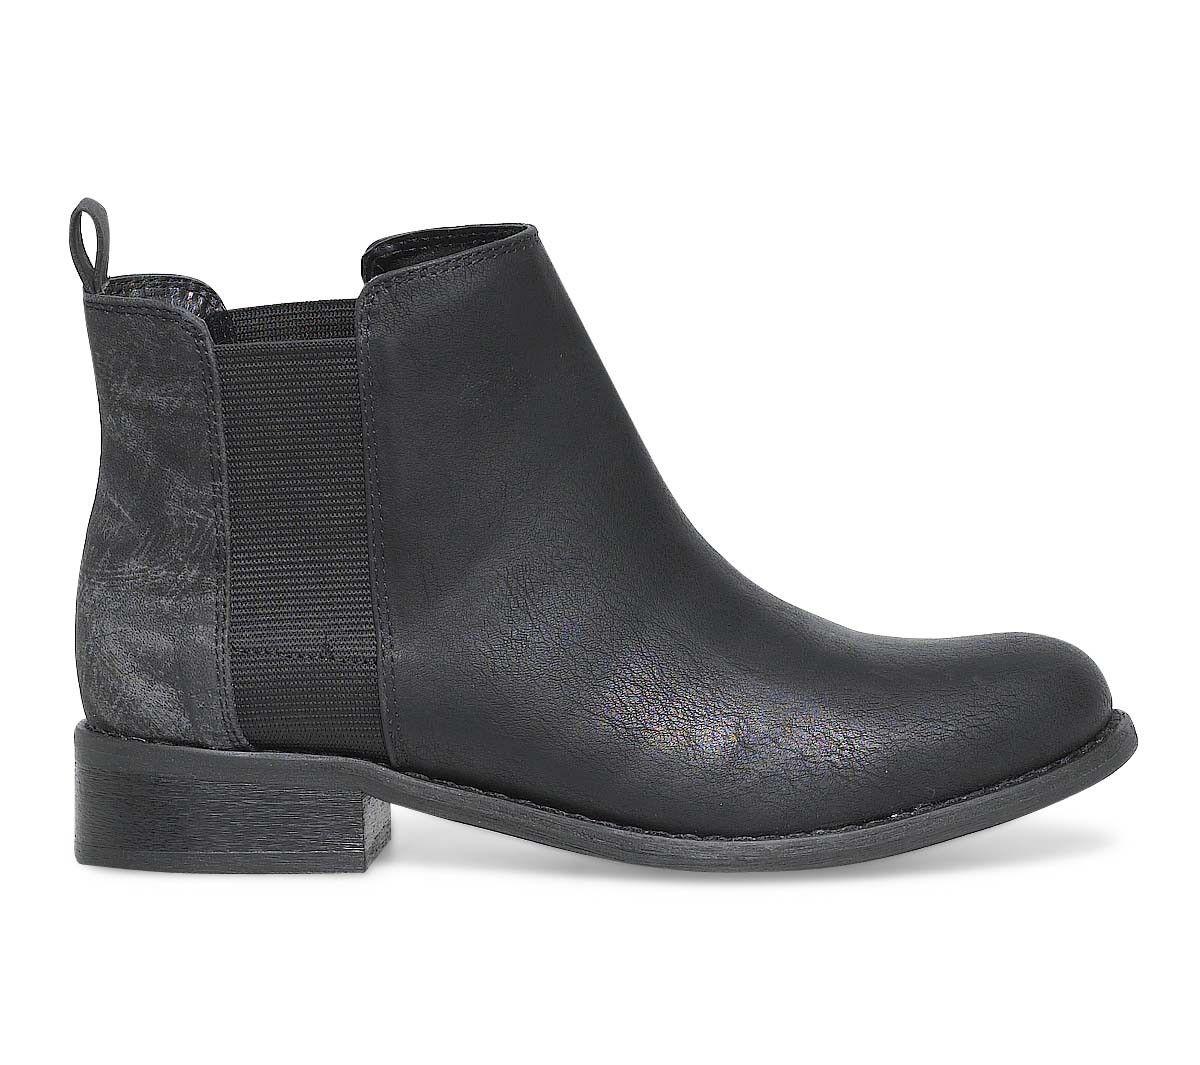 bottines plat Boots gris noir boots FemmeShoes oxdCrBe